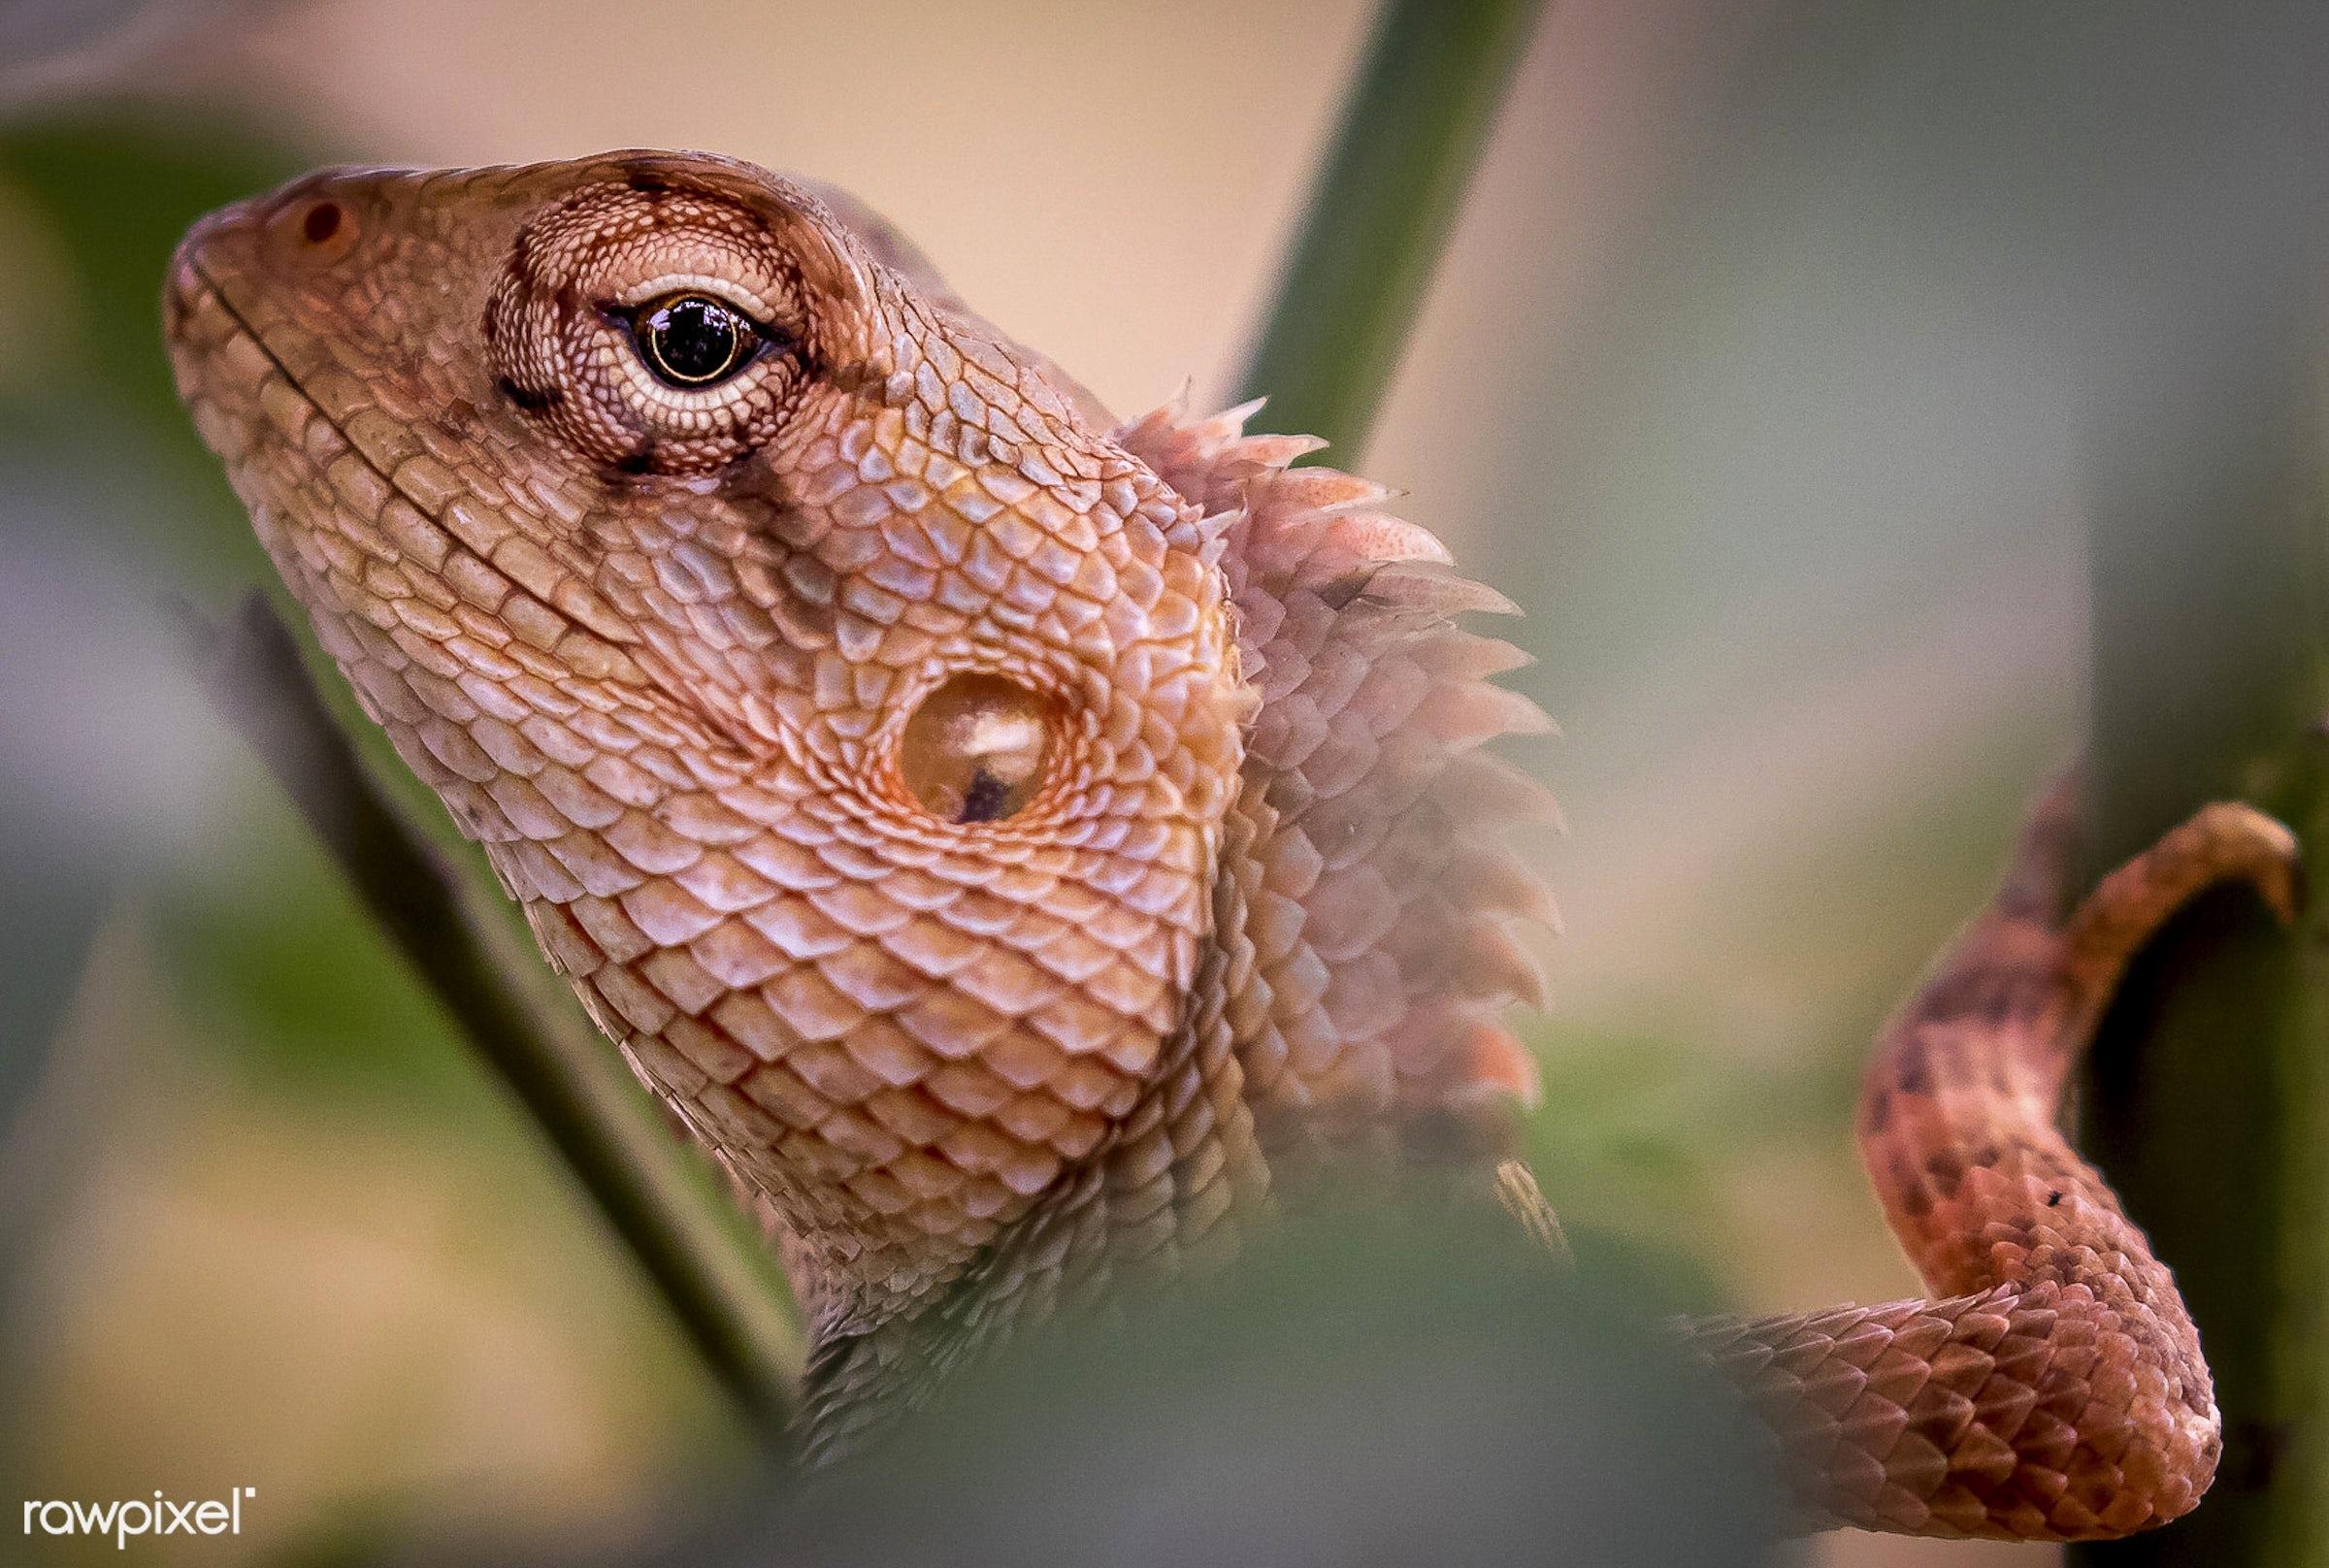 Closeup of an Iguana - america, american, animal, close up, closeup, cold blood, iguana, lizard, natural, nature, northern...